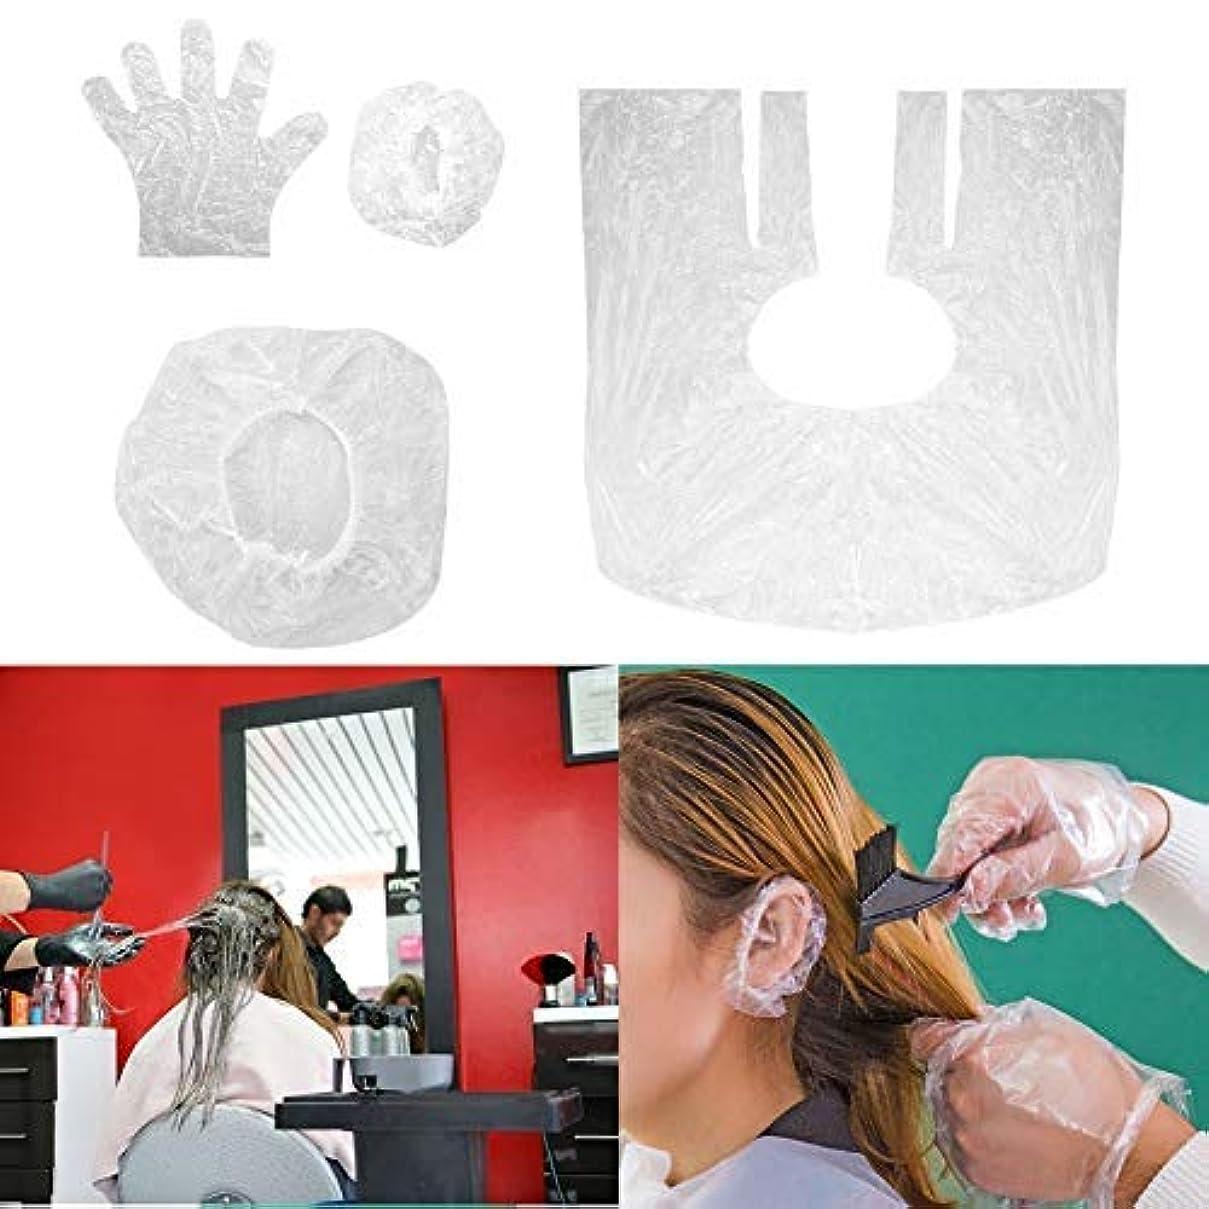 嵐の入場明示的に毛染め用 髪染め シャワーキャップ サロン 耳キャップ シャワーキャップ 手袋 使い捨て 10点セット